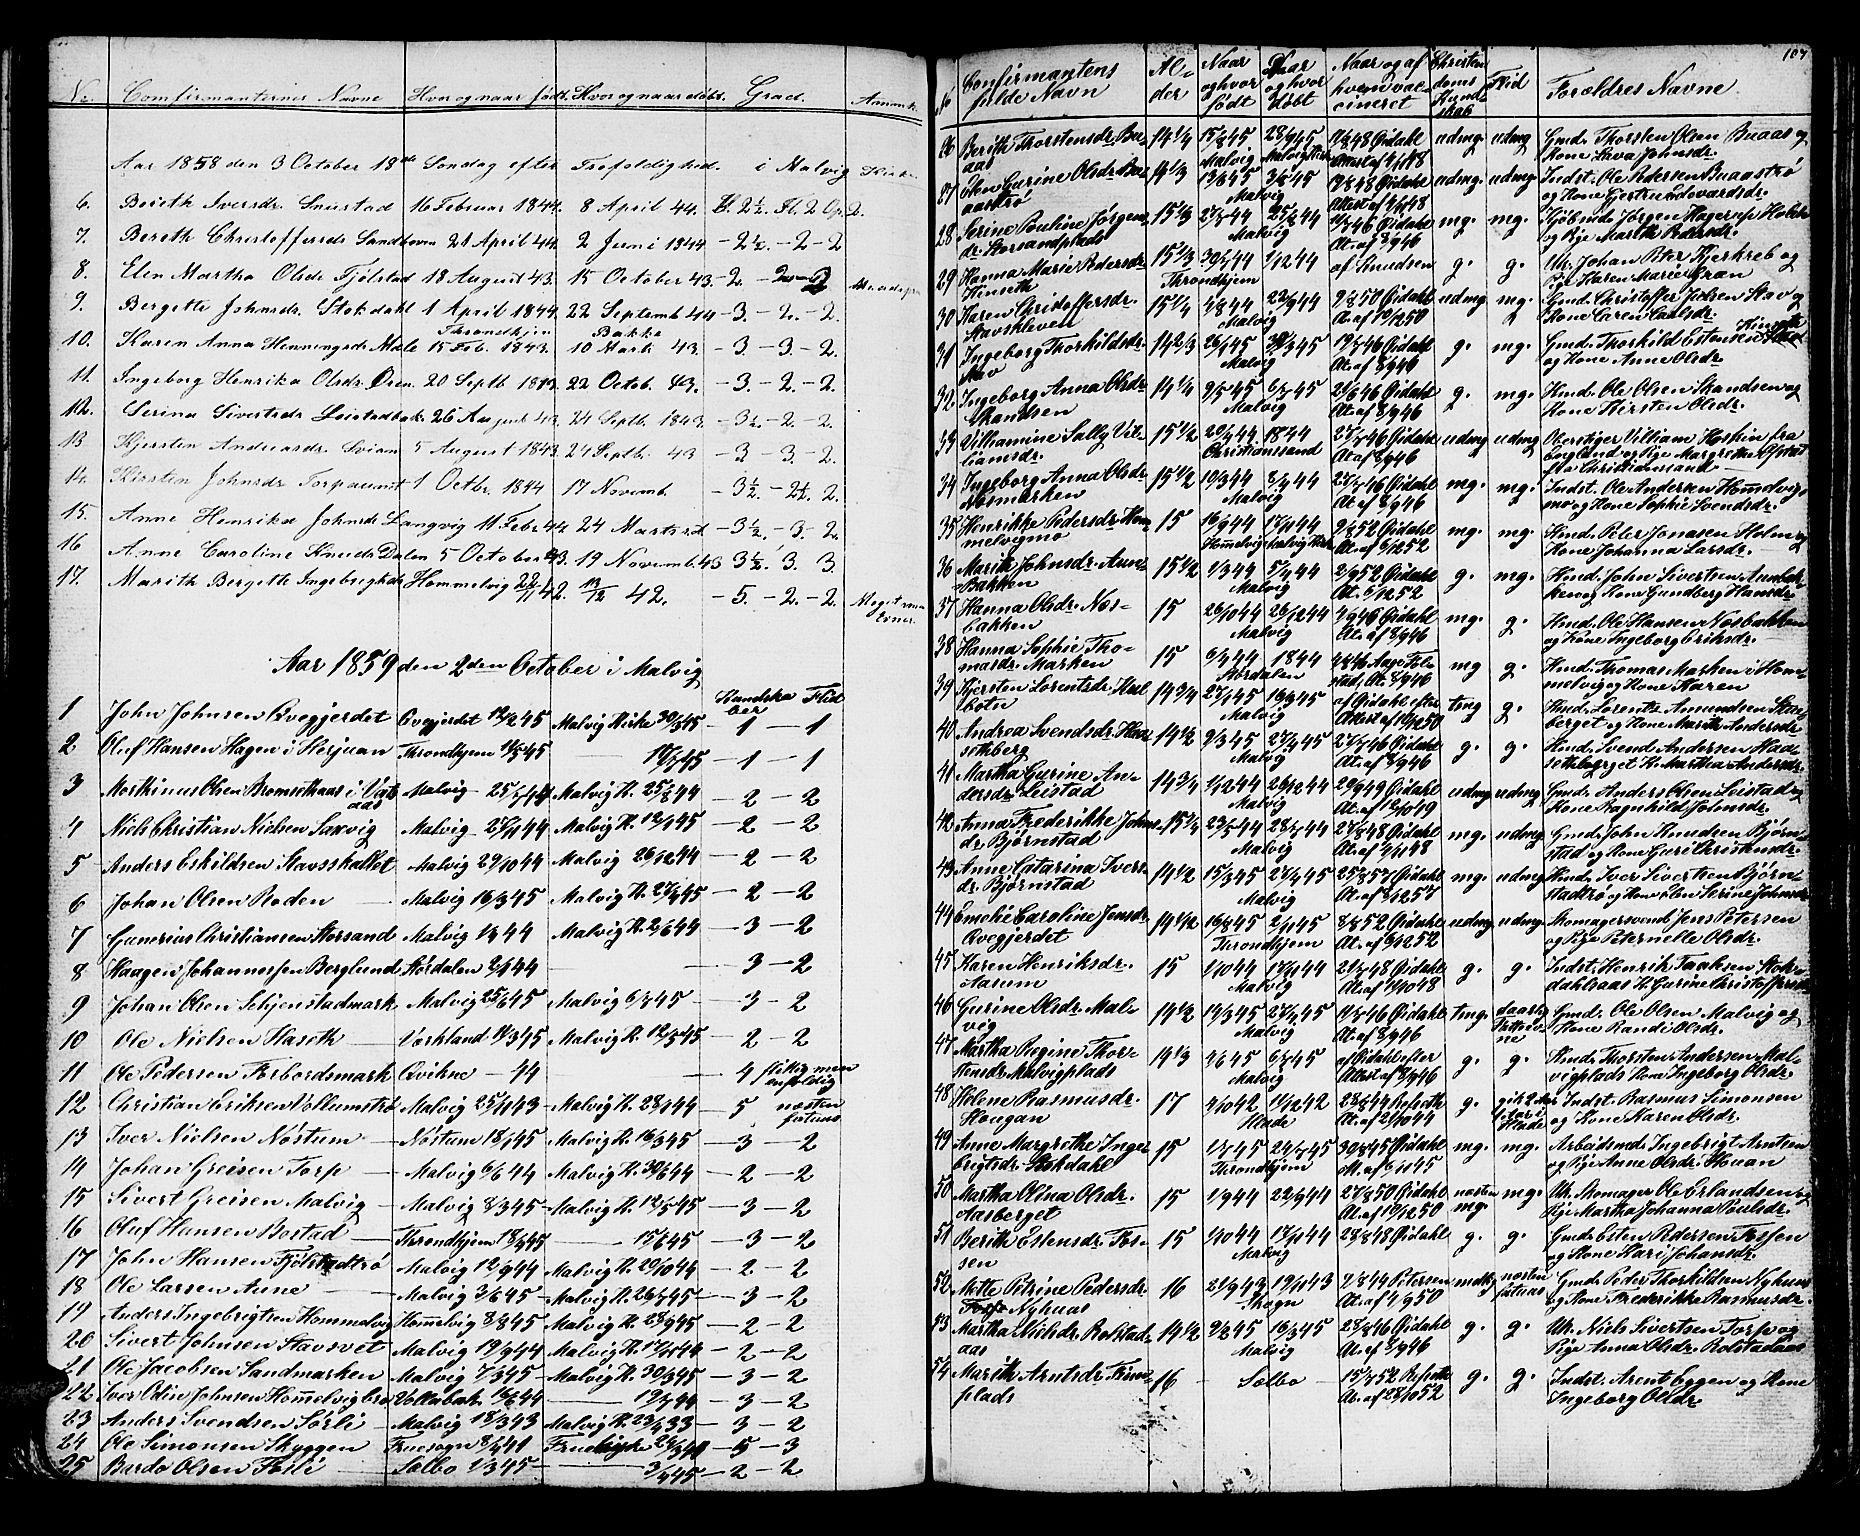 SAT, Ministerialprotokoller, klokkerbøker og fødselsregistre - Sør-Trøndelag, 616/L0422: Klokkerbok nr. 616C05, 1850-1888, s. 107